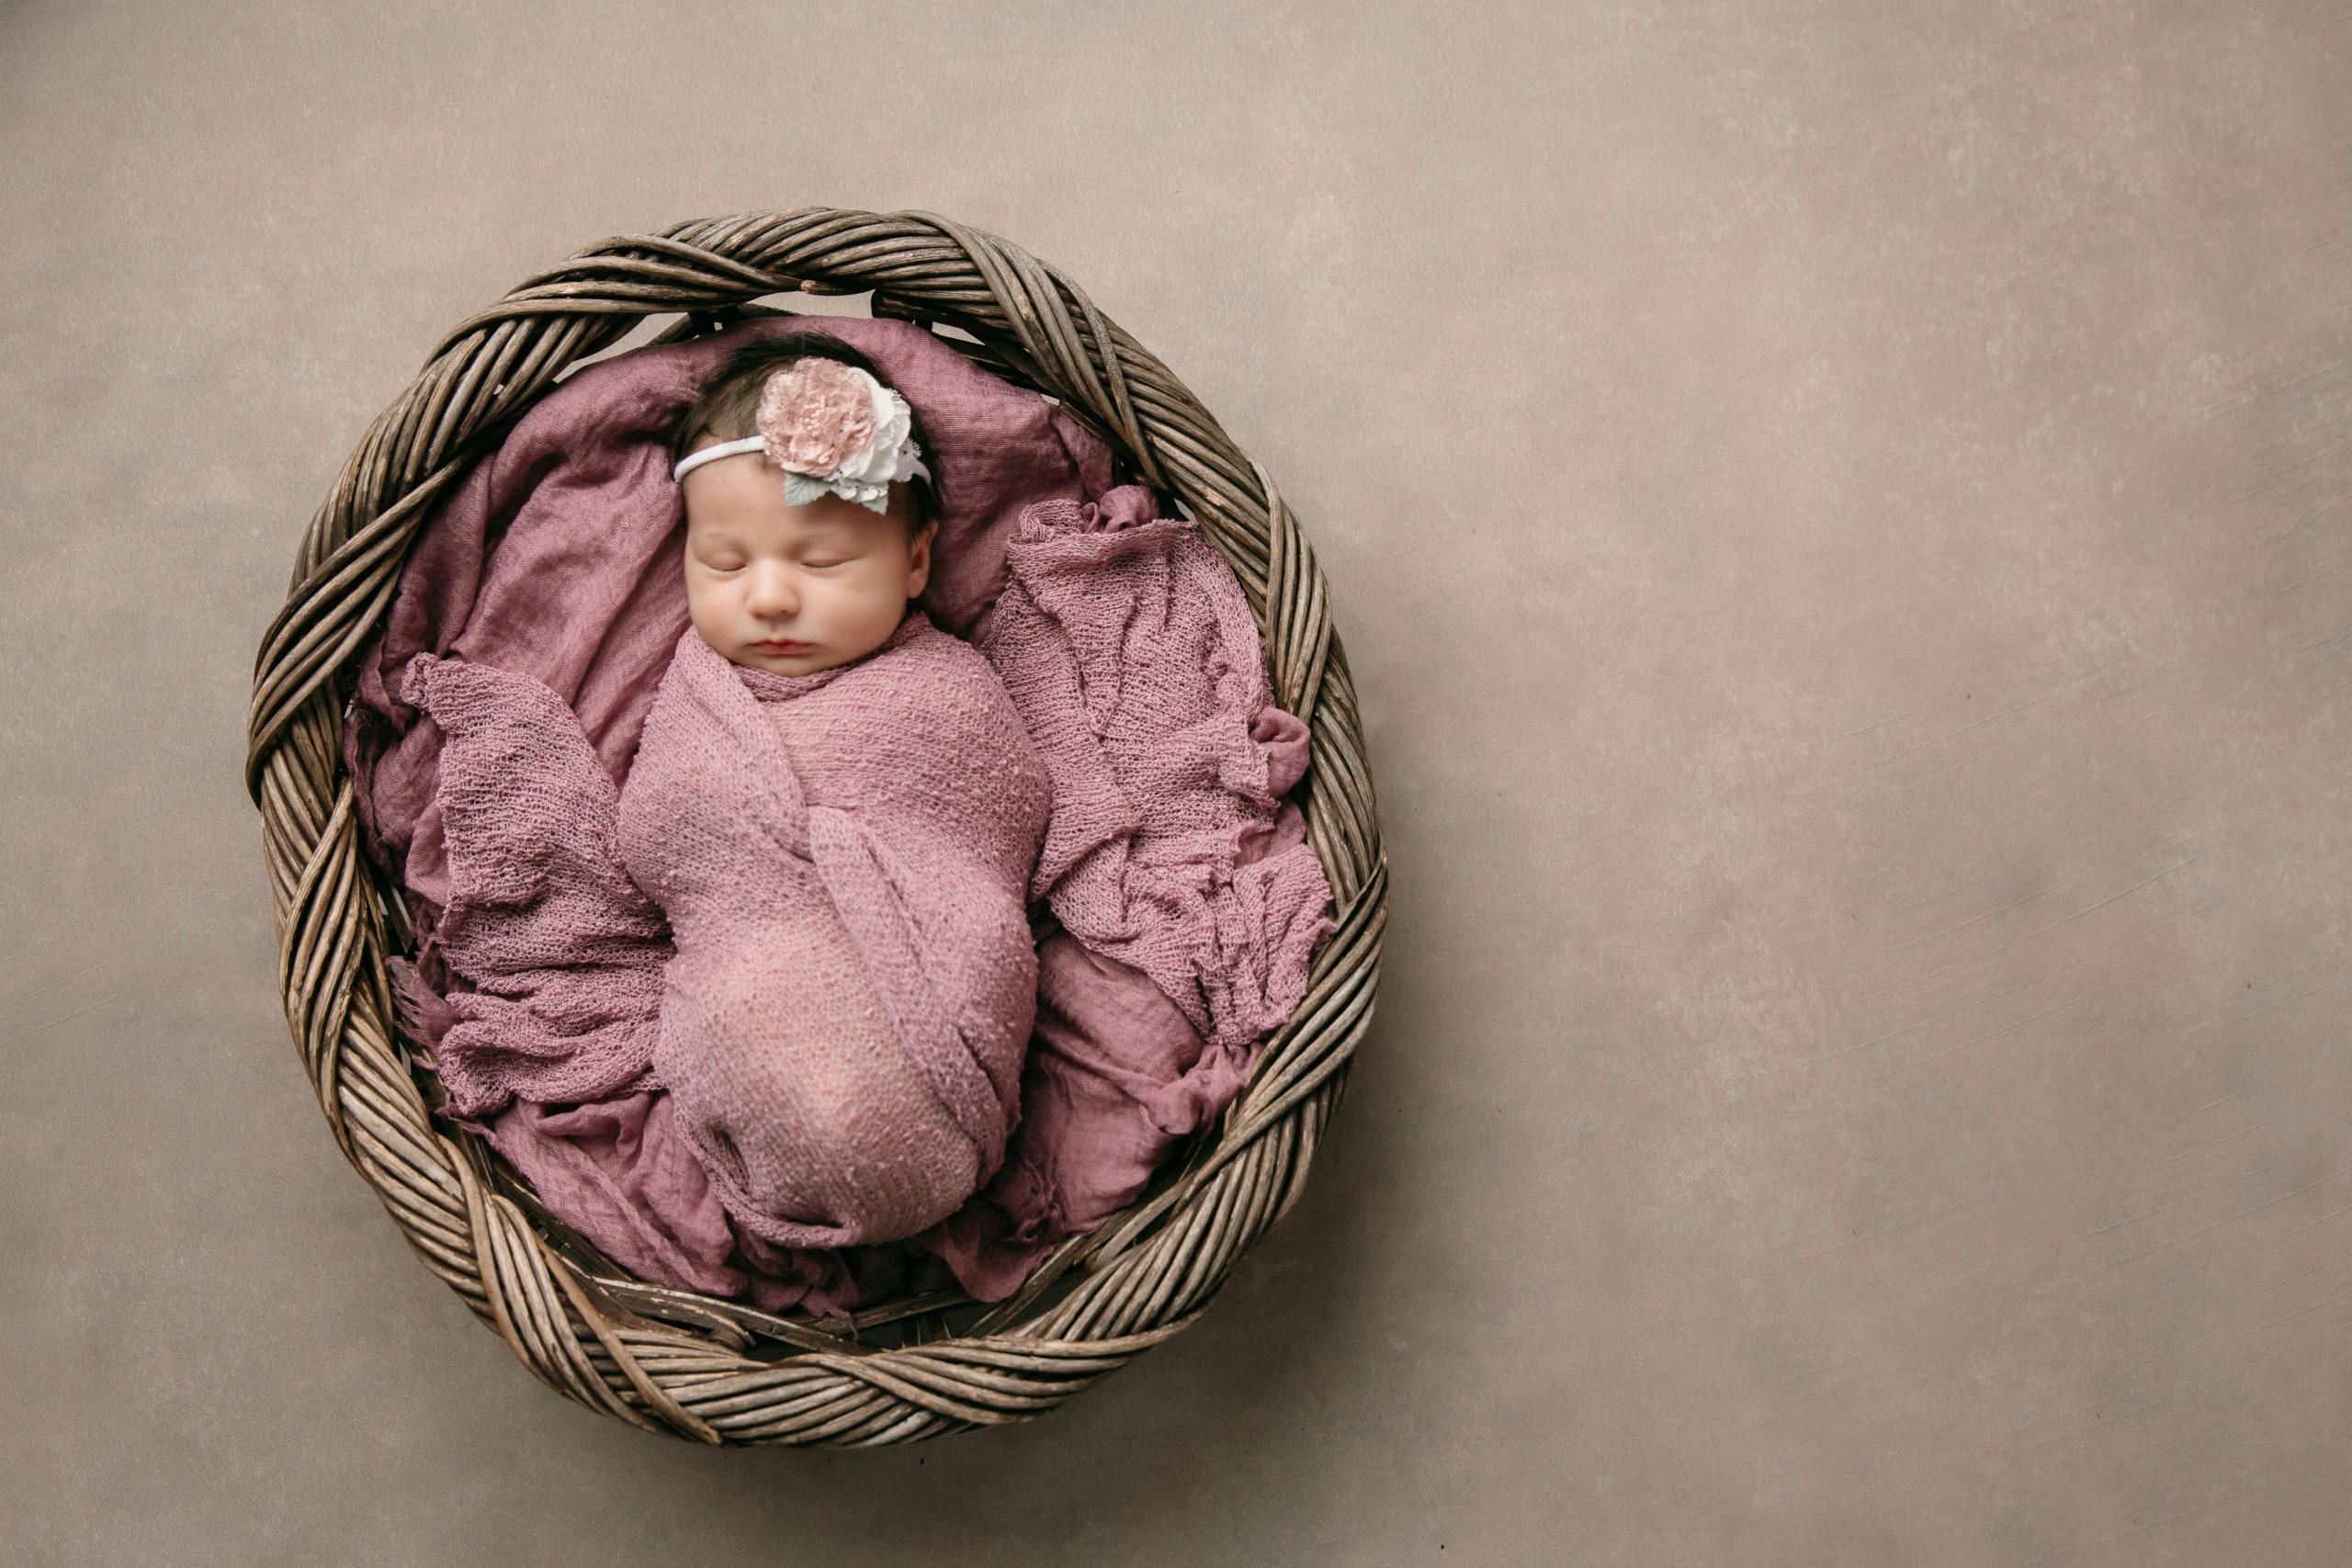 「冬の新生児向けおくるみの選び方!おくるみを使いこなそう」のアイキャッチ画像